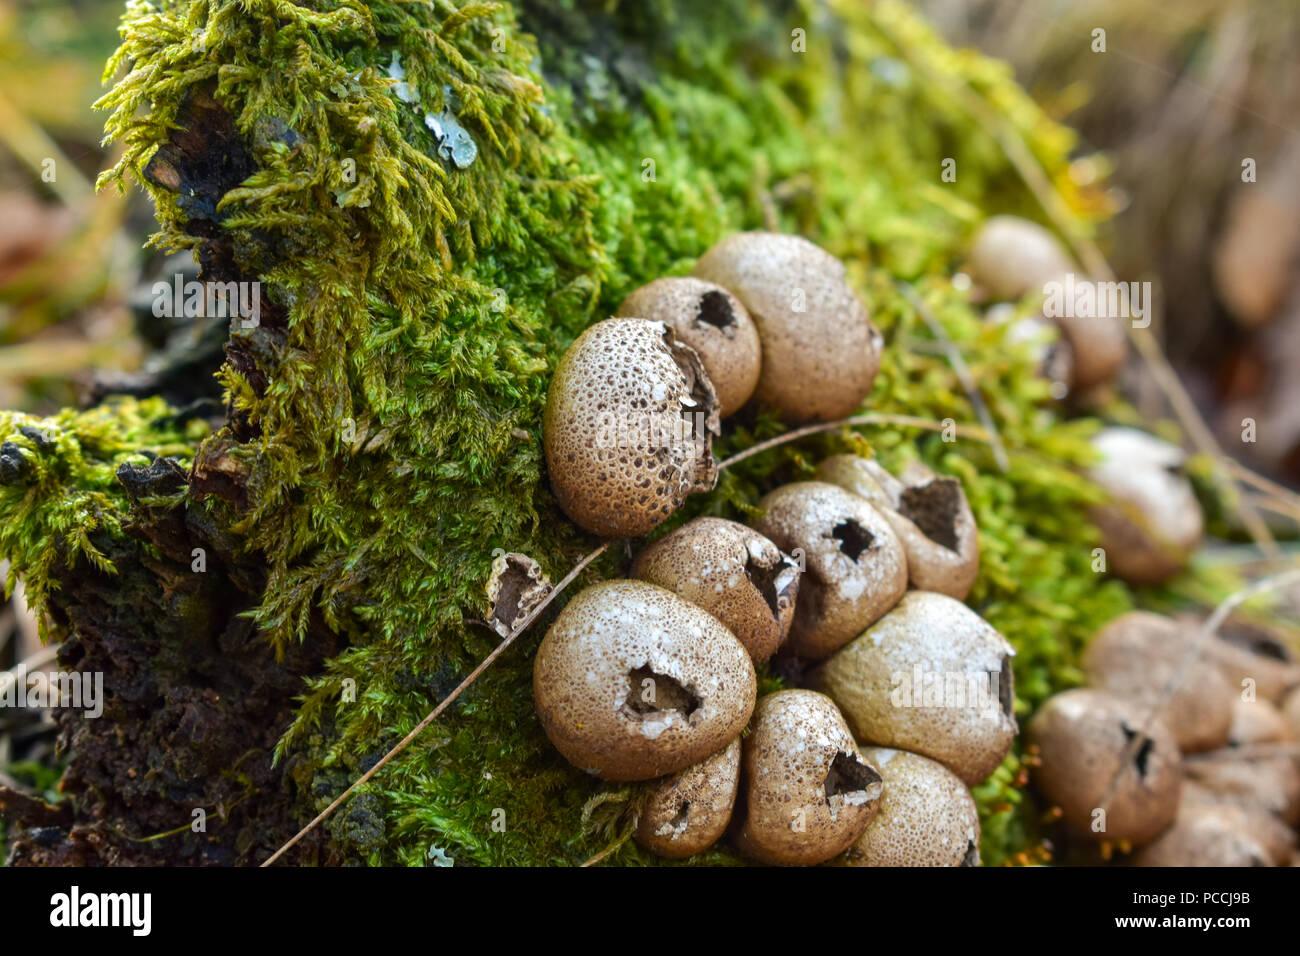 Lycoperdon perlatum, conosciuto popolarmente come il comune, puffball warted puffball, è una specie di fungo puffball nella famiglia Agaricaceae. Immagini Stock